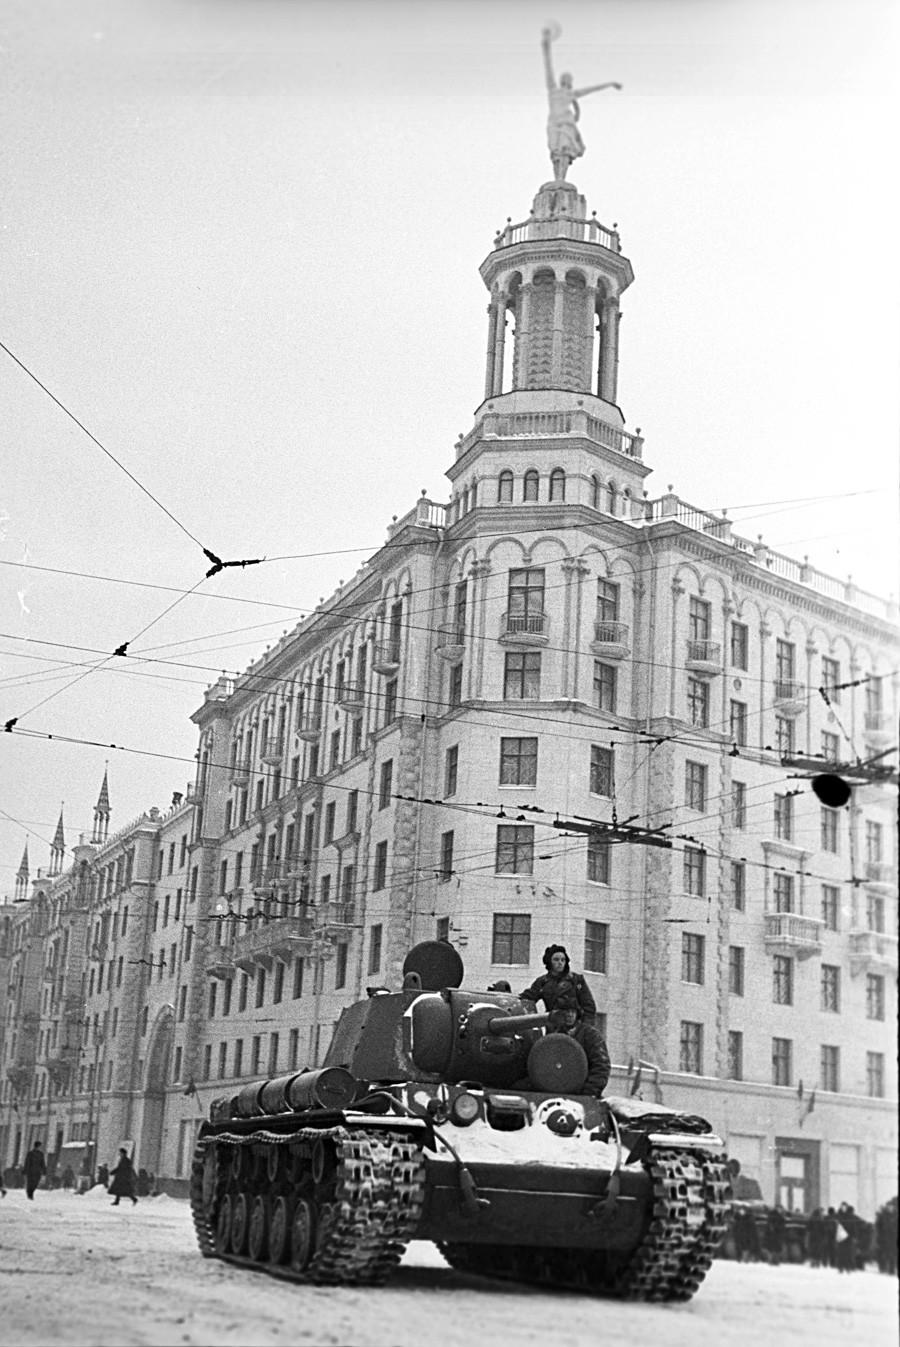 Тенк КВ-1 на улицата Горки во Москва.